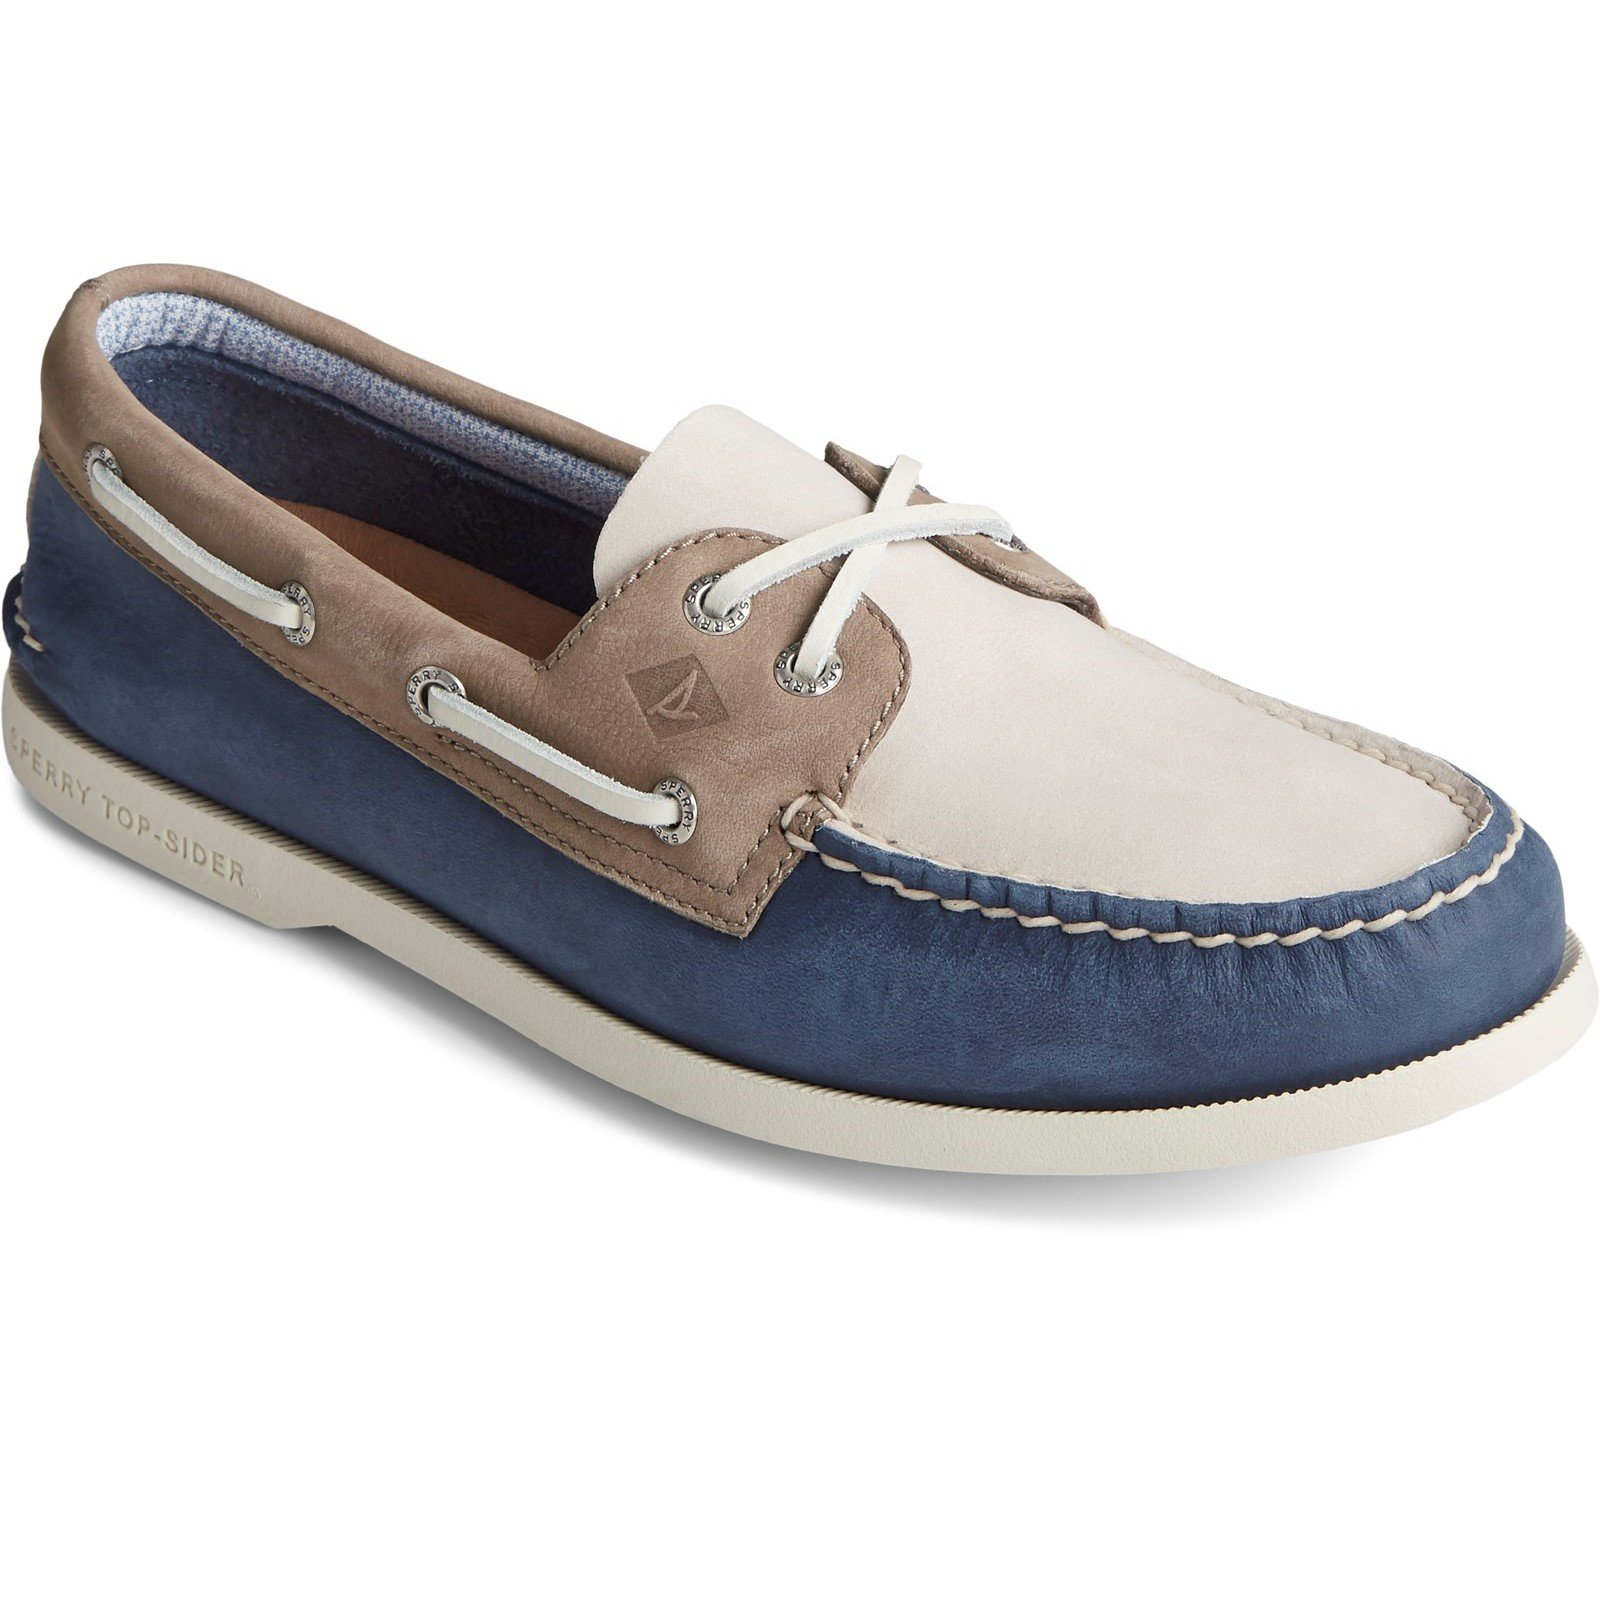 Sperry Men's Authentic Original PLUSHWAVE Boat Shoe Various Colours 31525 - Multicoloured 9